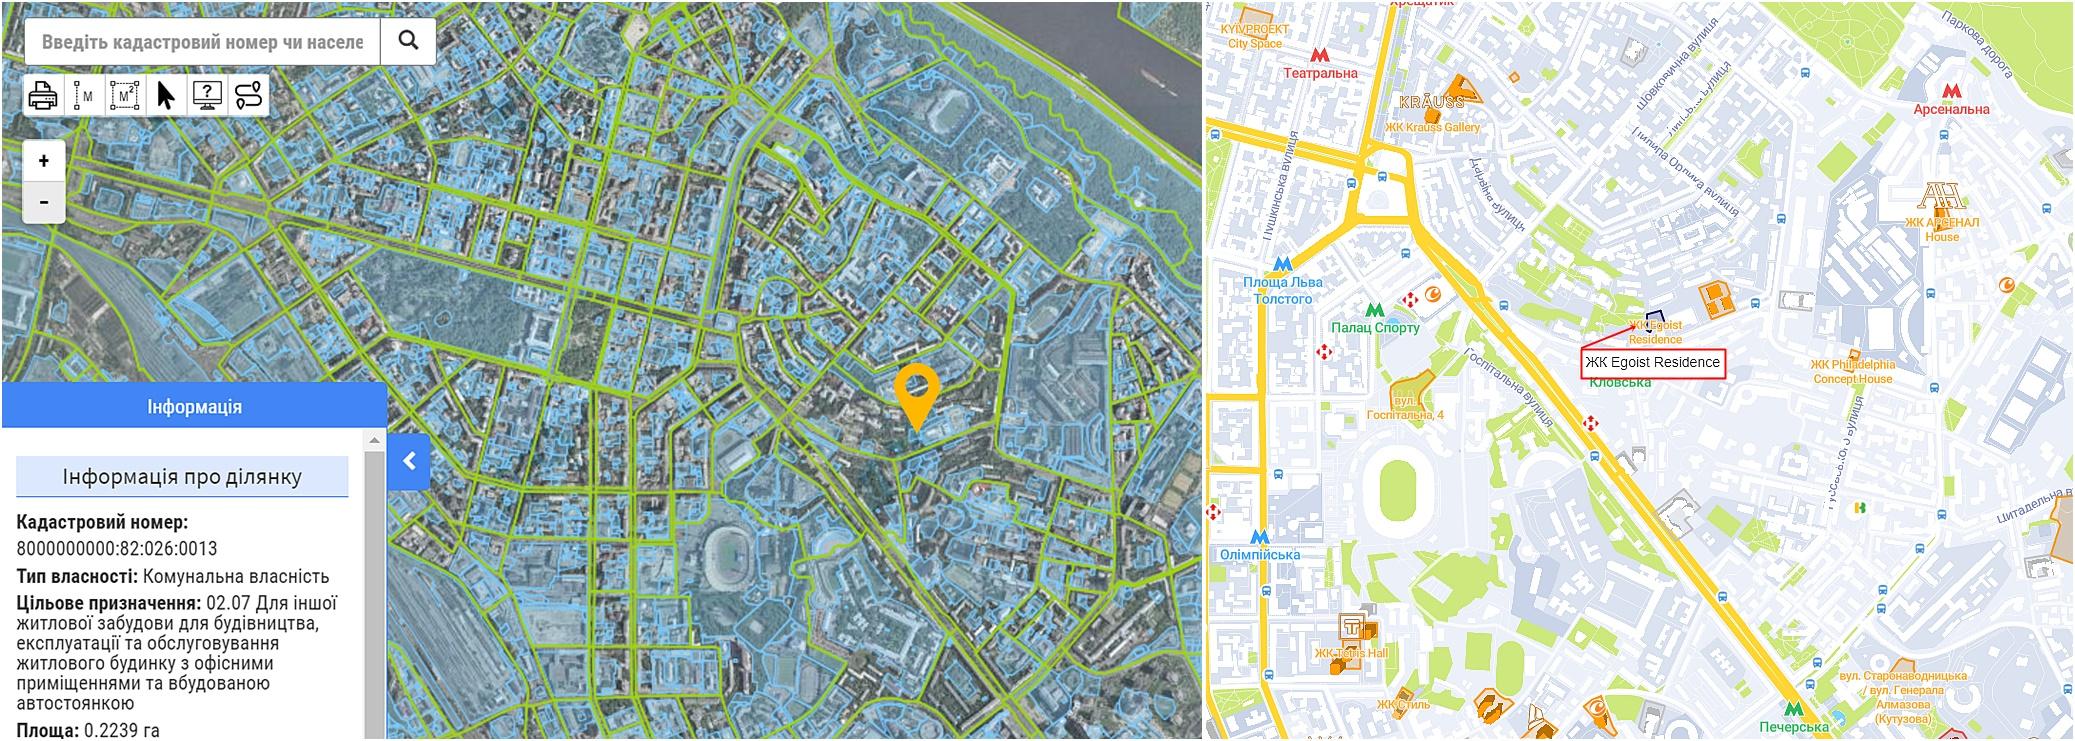 ЖК Egoist Residence данные кадастра и на карте